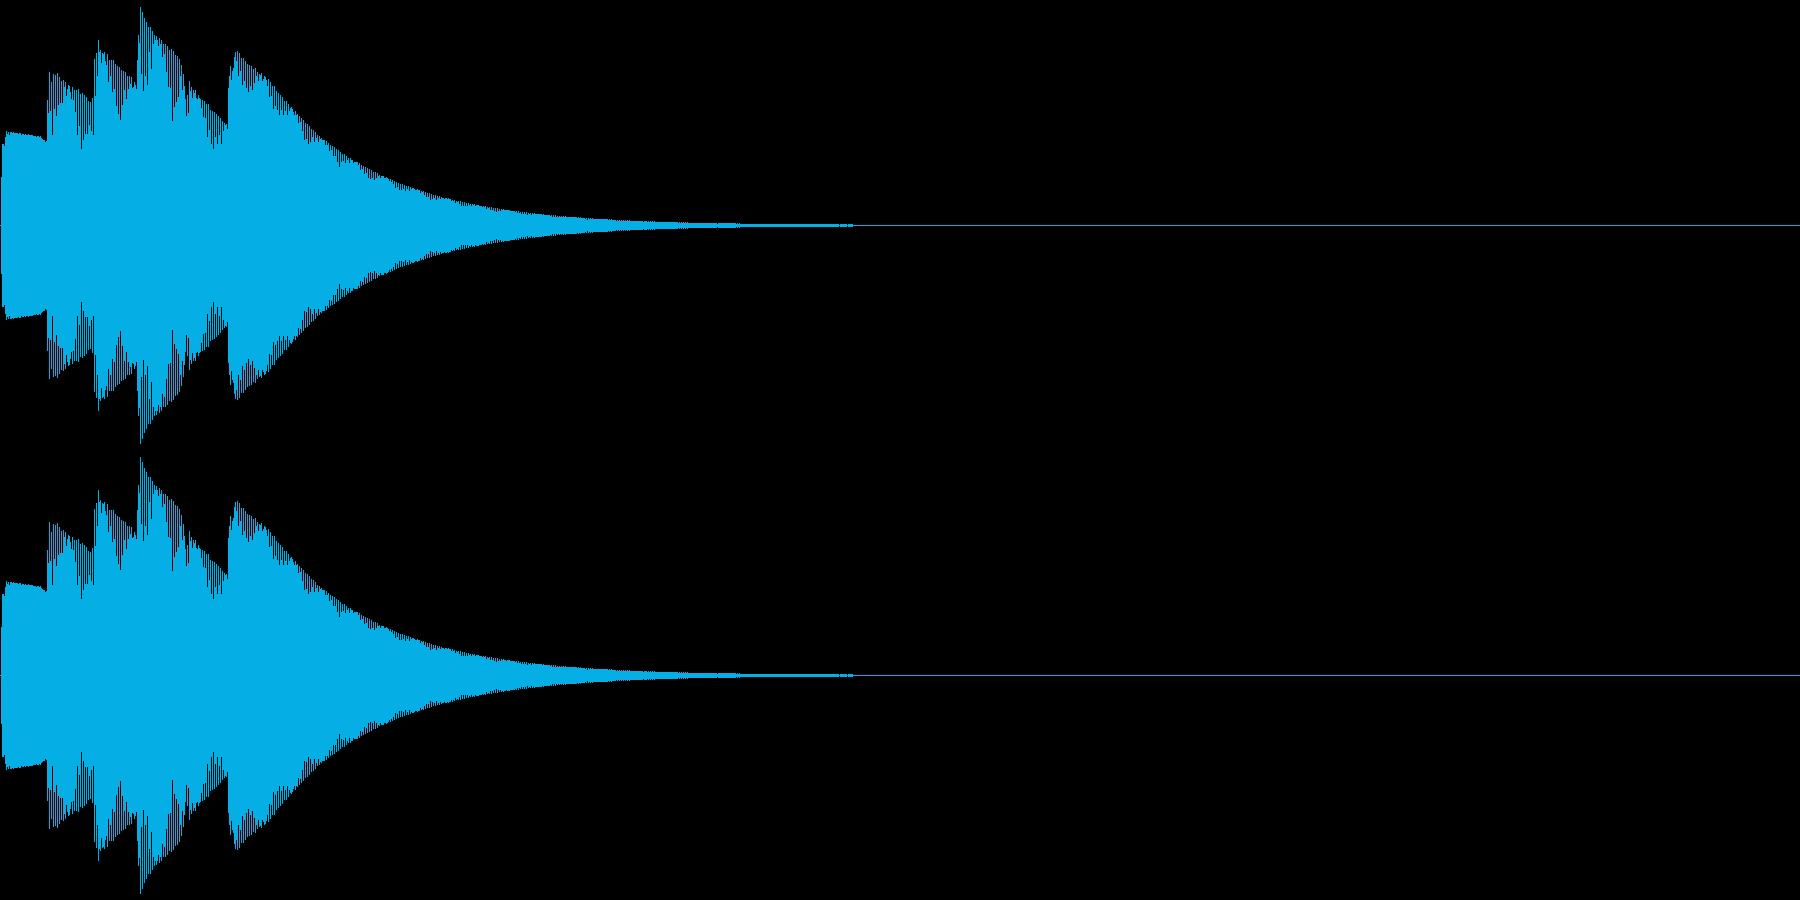 クイズ正解音・ピンポーン3回の再生済みの波形